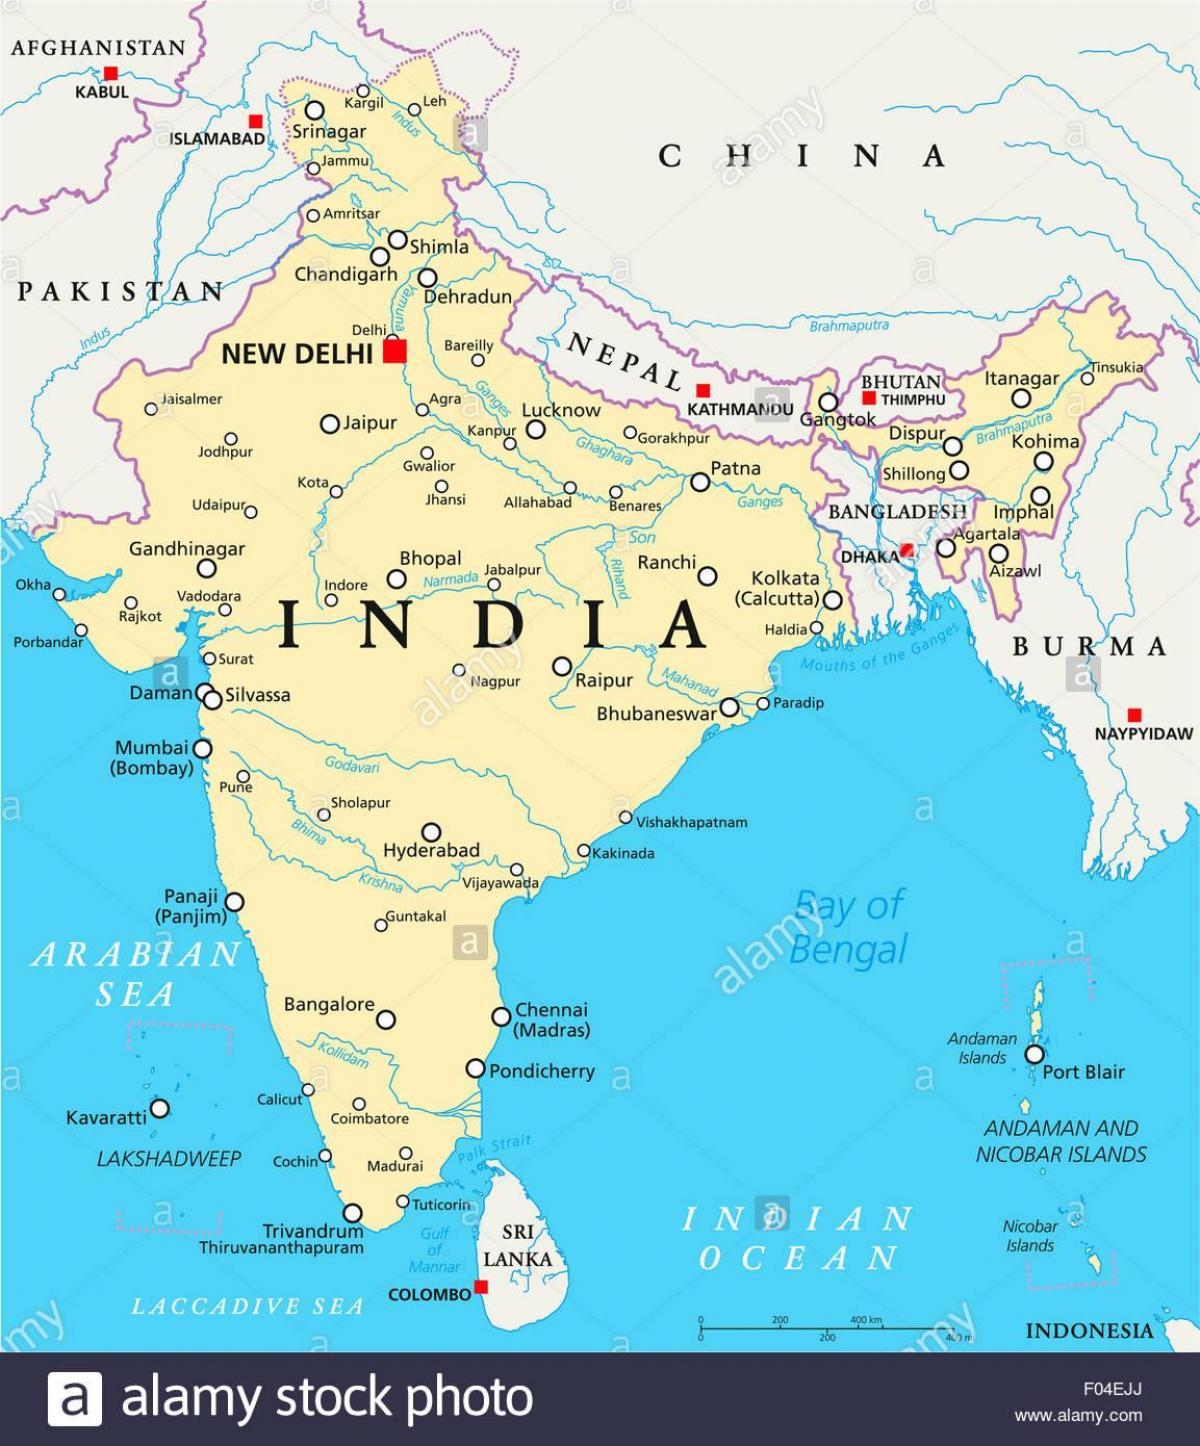 Uusi India Map Intia Kartta Uusi Etela Aasia Aasia